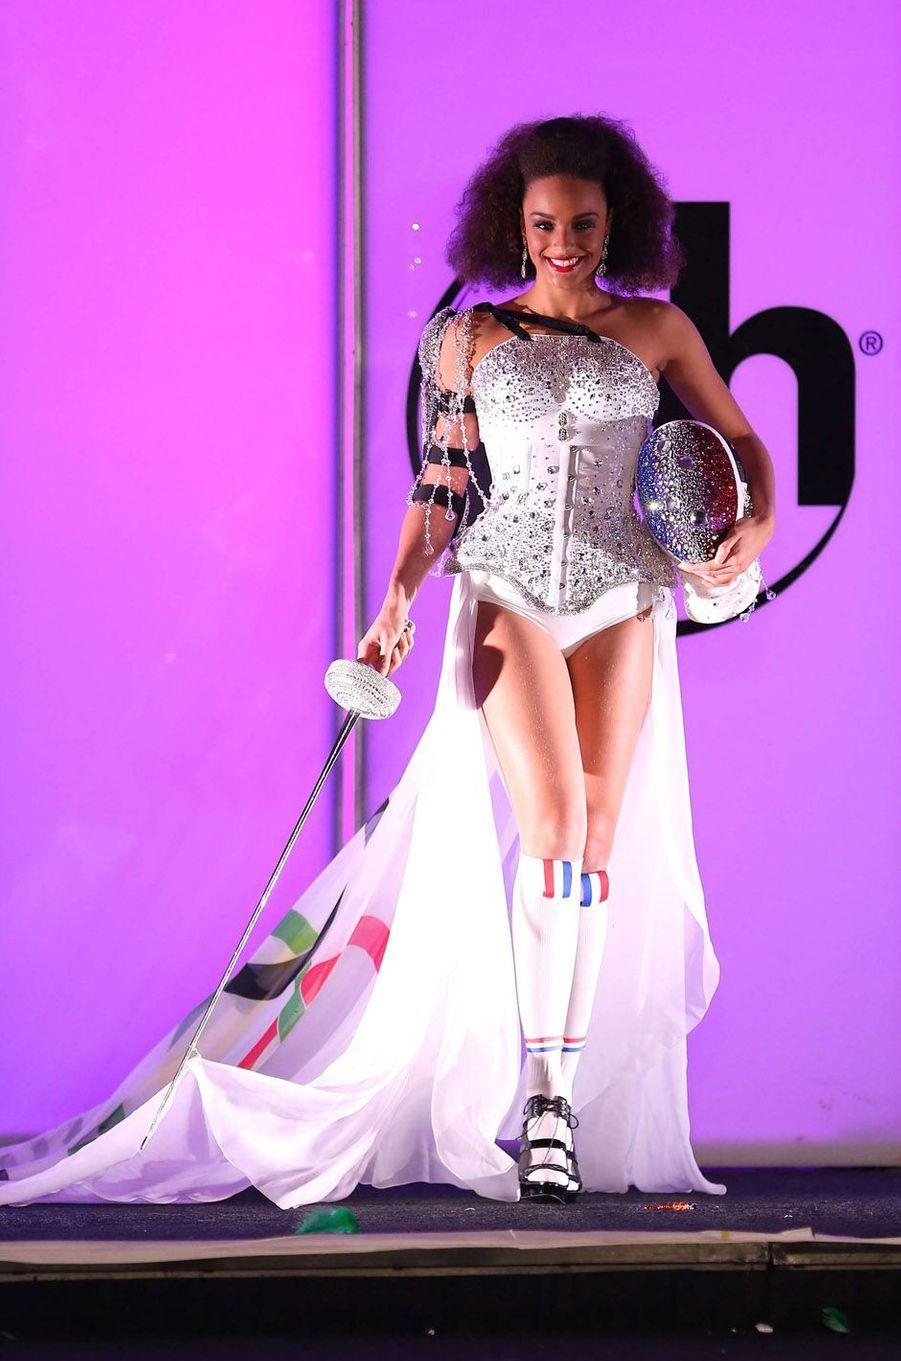 Alicia Aylies en costume national au concours Miss Univers, le 18 novembre 2017 à Las Vegas.